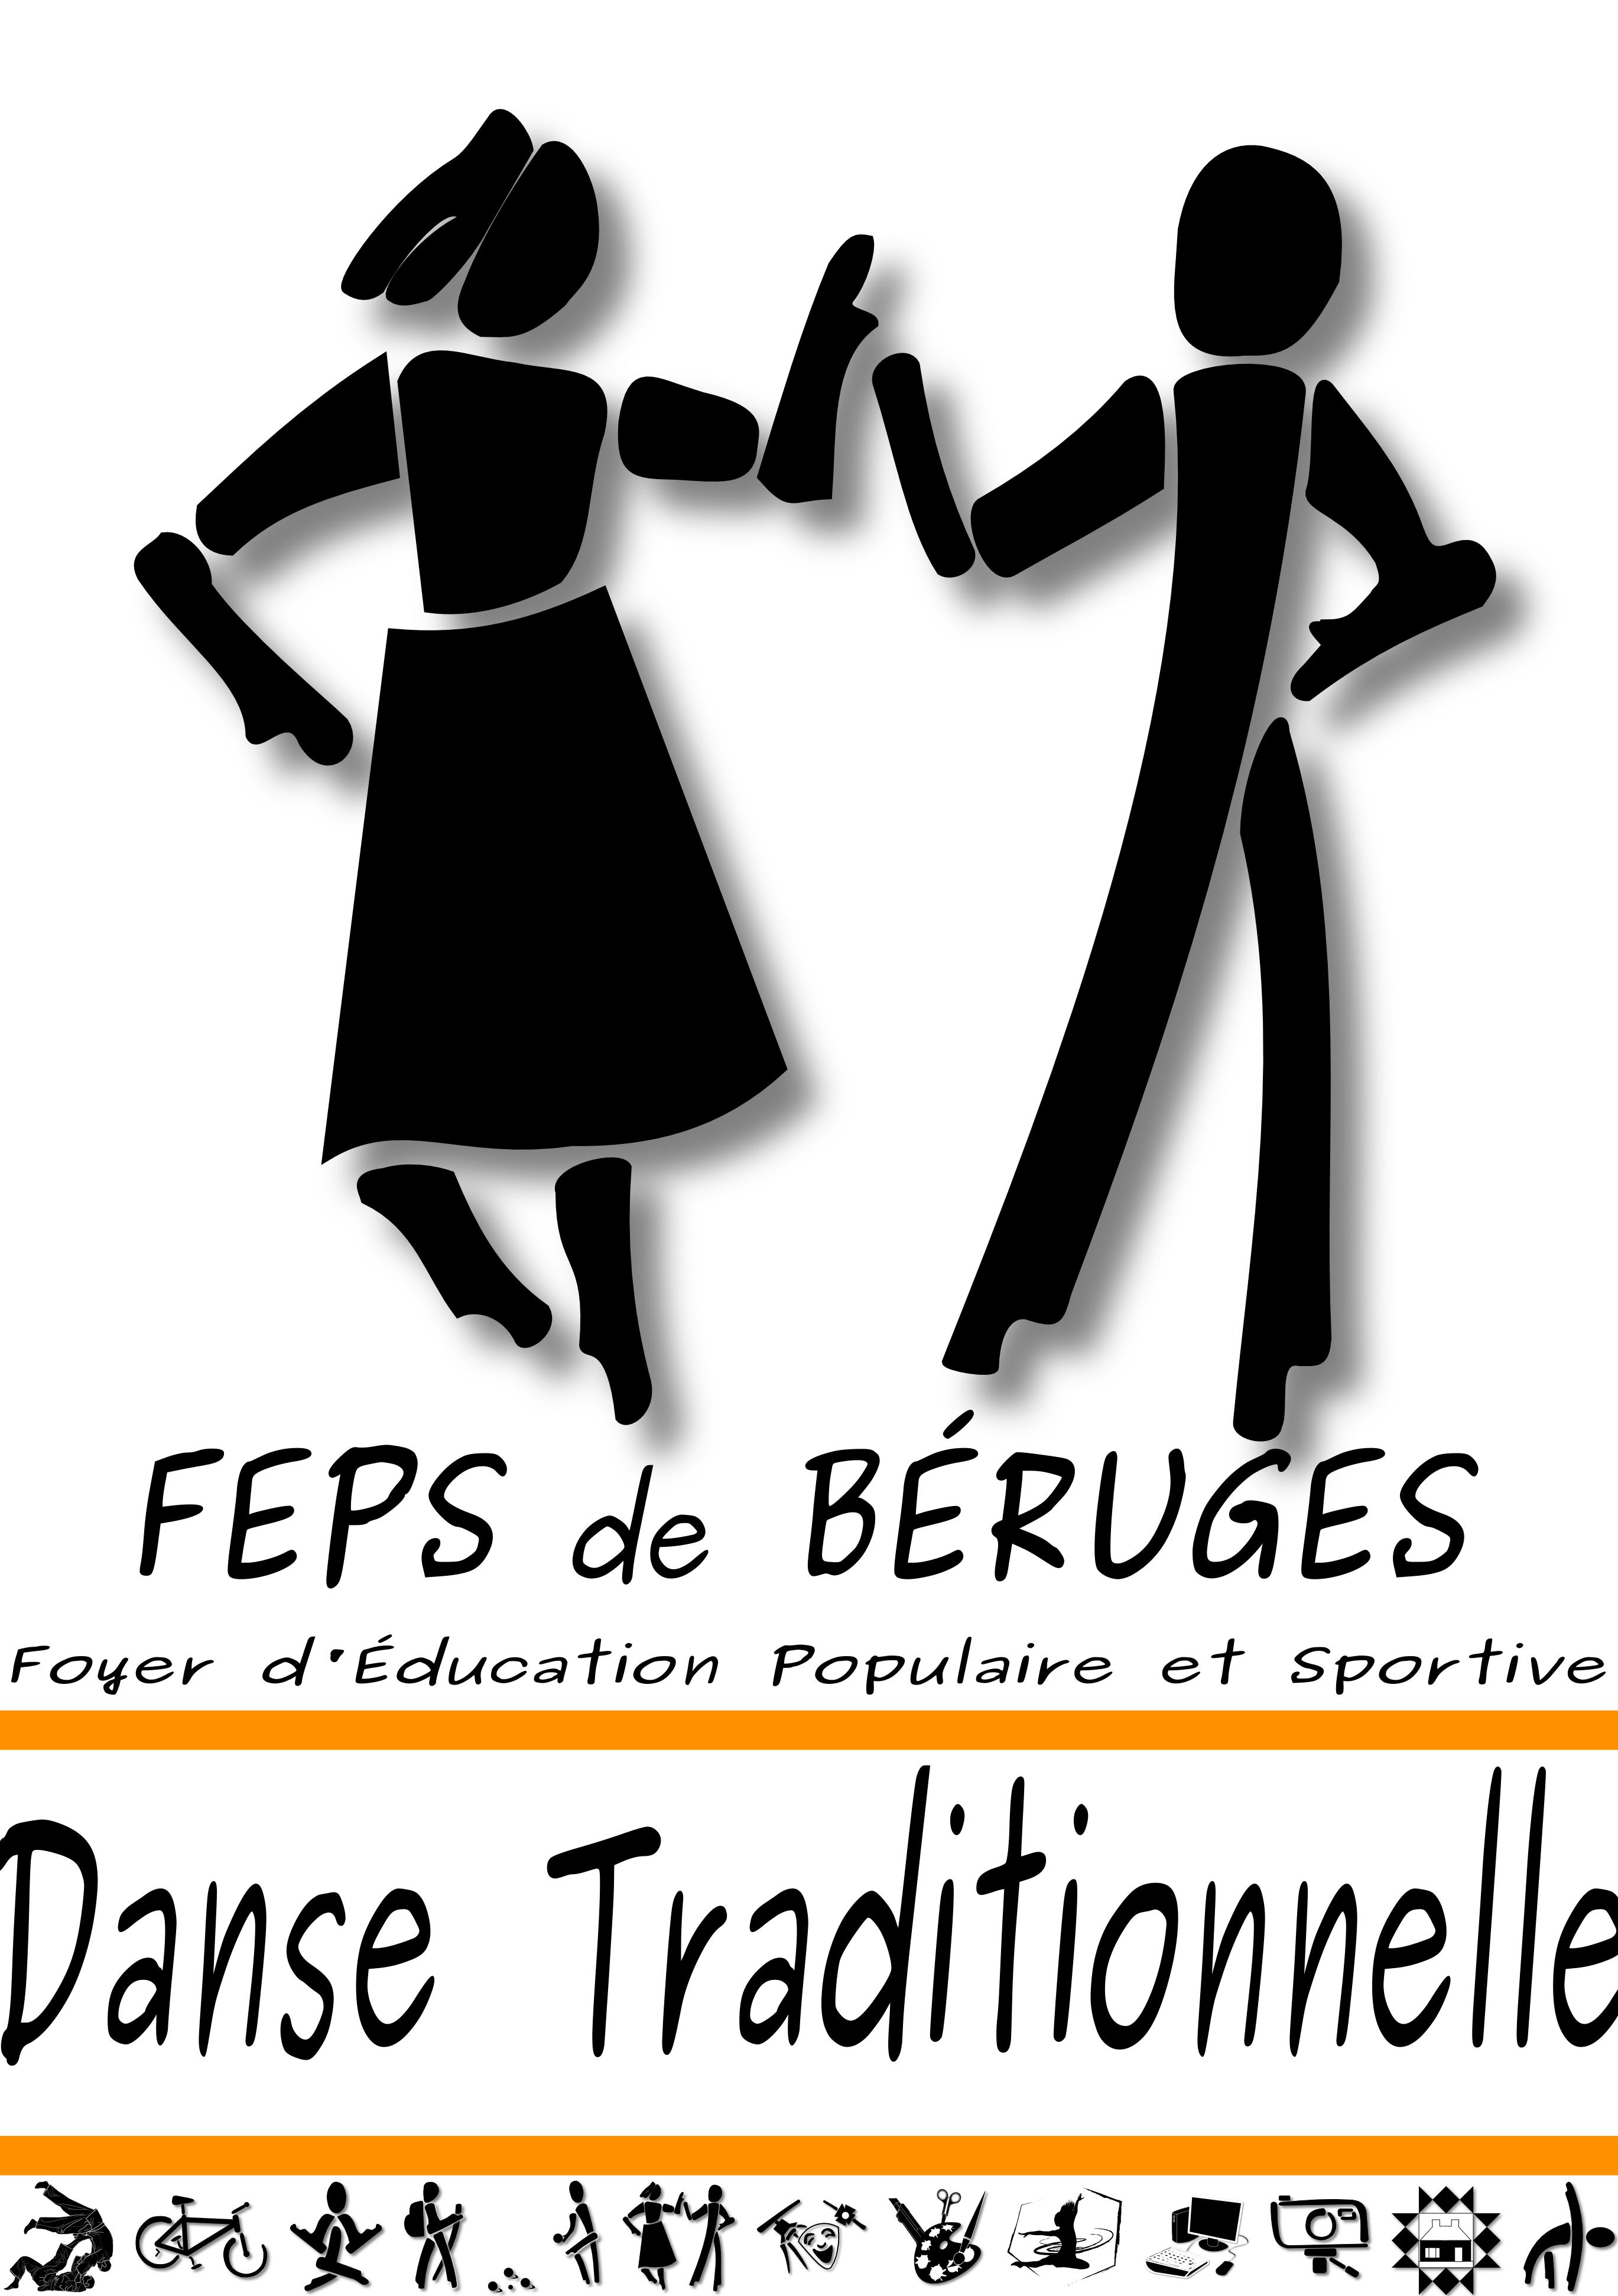 FEPS DANSES TRADITIONNELLES